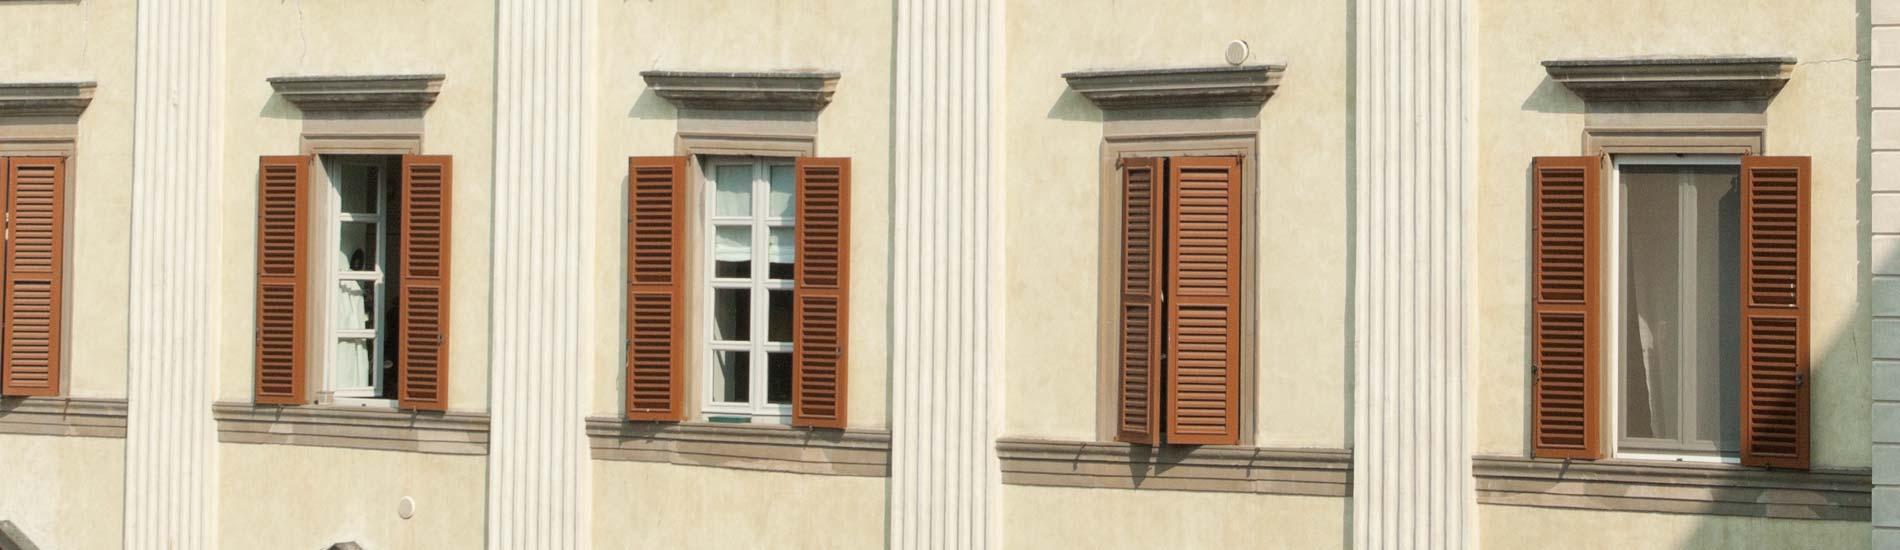 Porte e finestre in legno e alluminio by mazzini serramenti - Finestre d epoca ...